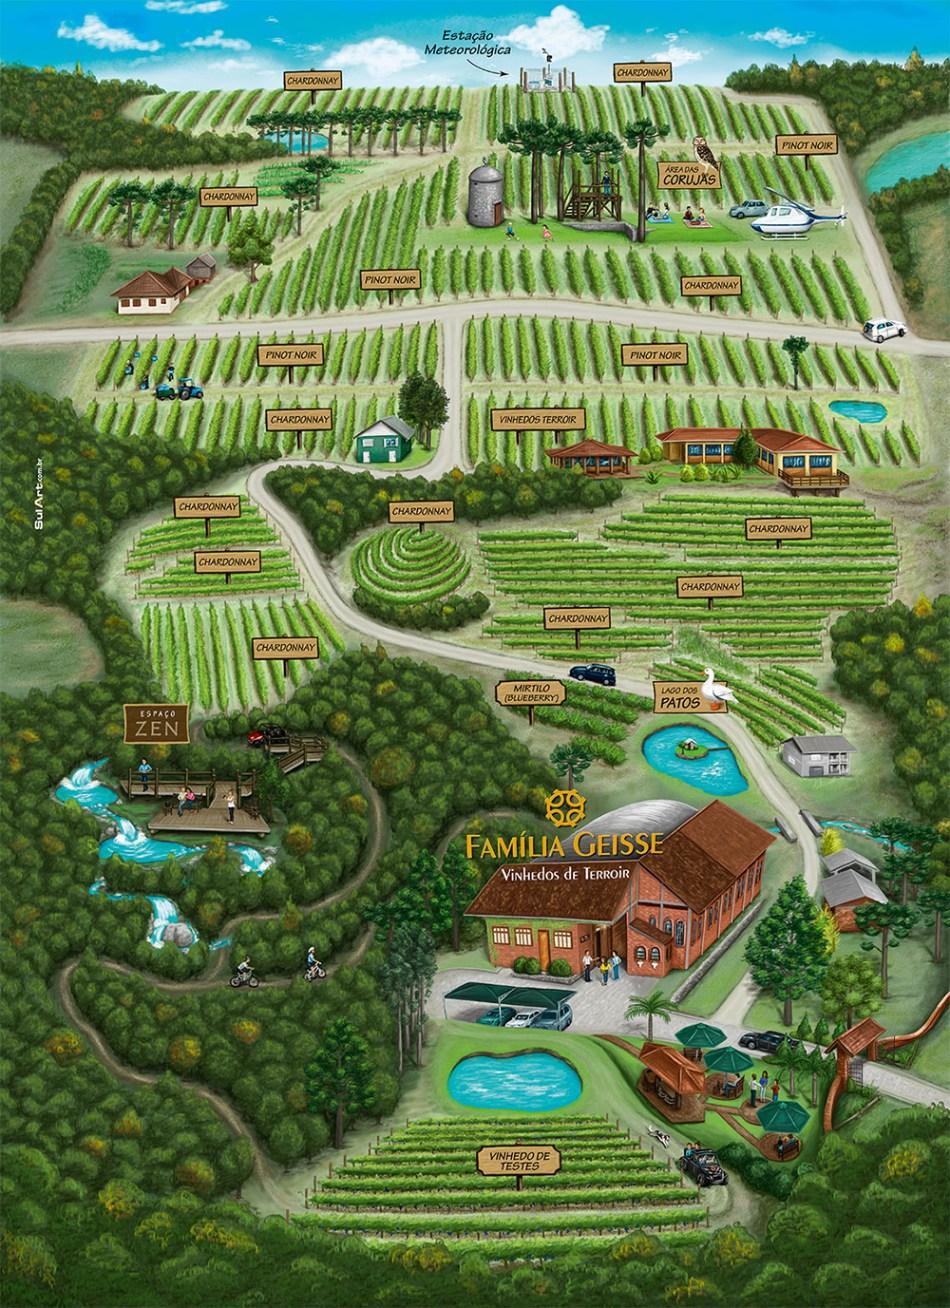 Mapa Vale dos Vinhedos